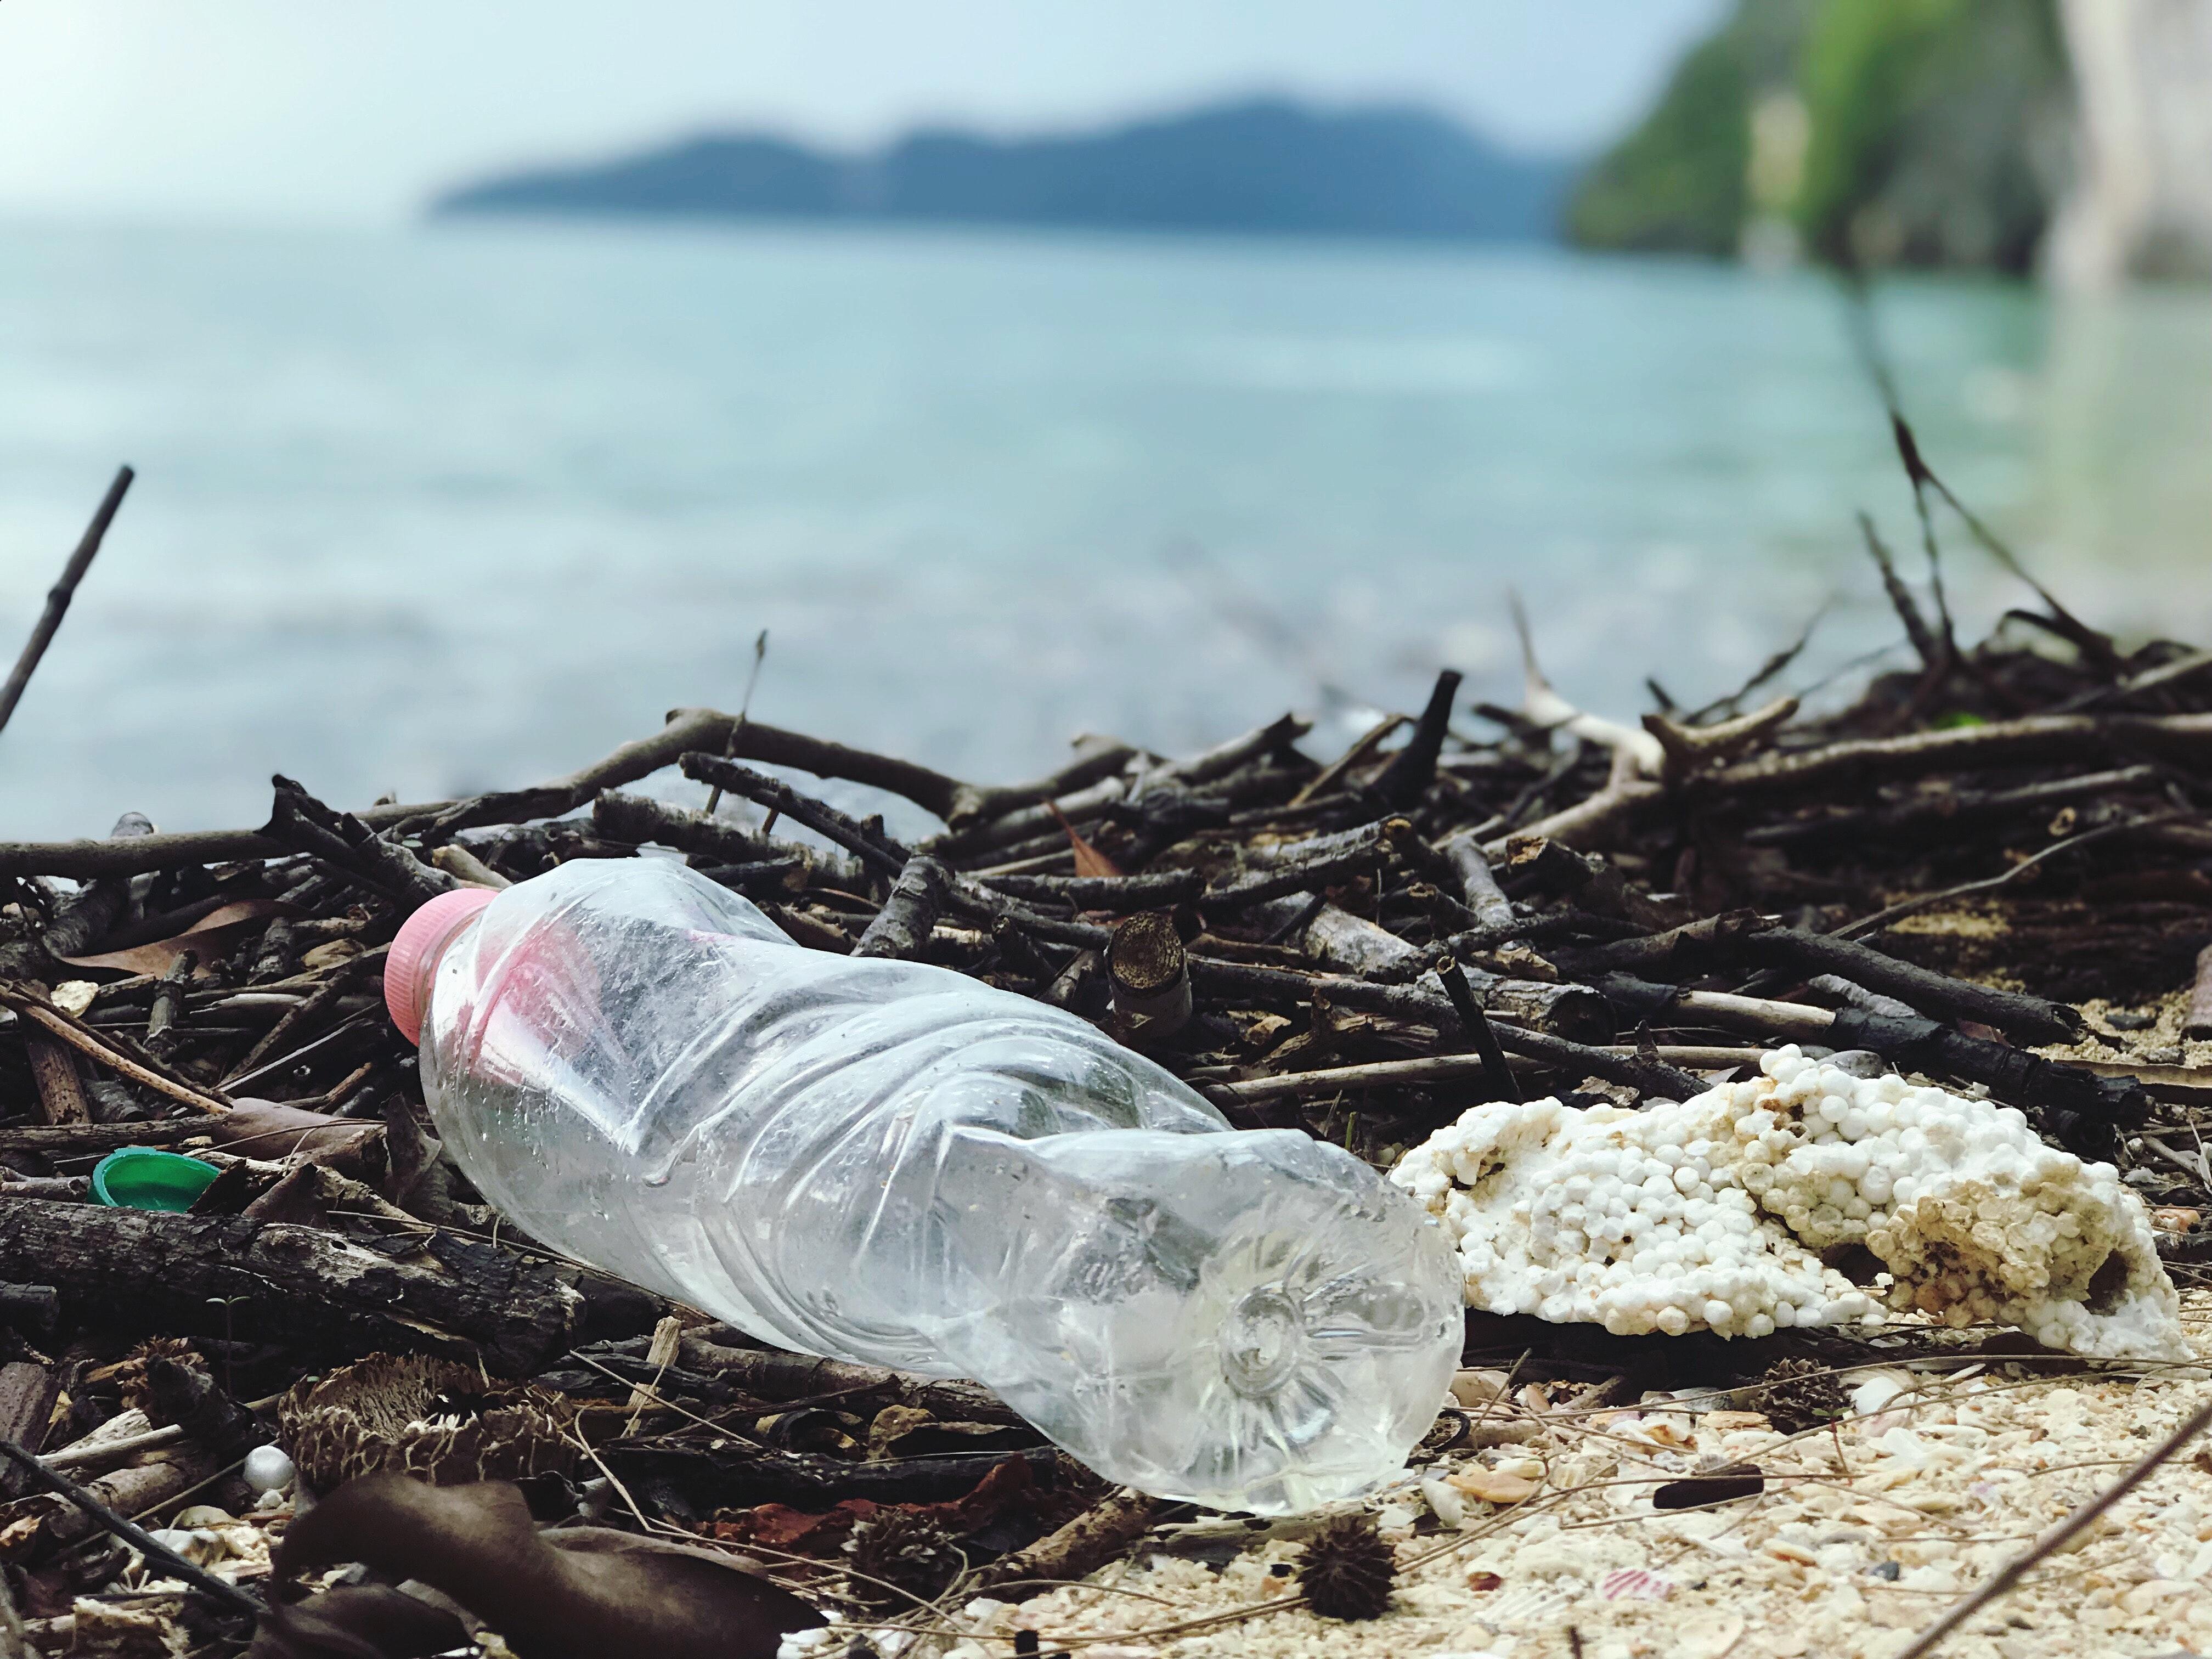 Ecoembes levanta opiniones favorables con el proyecto Upcycling the Oceans